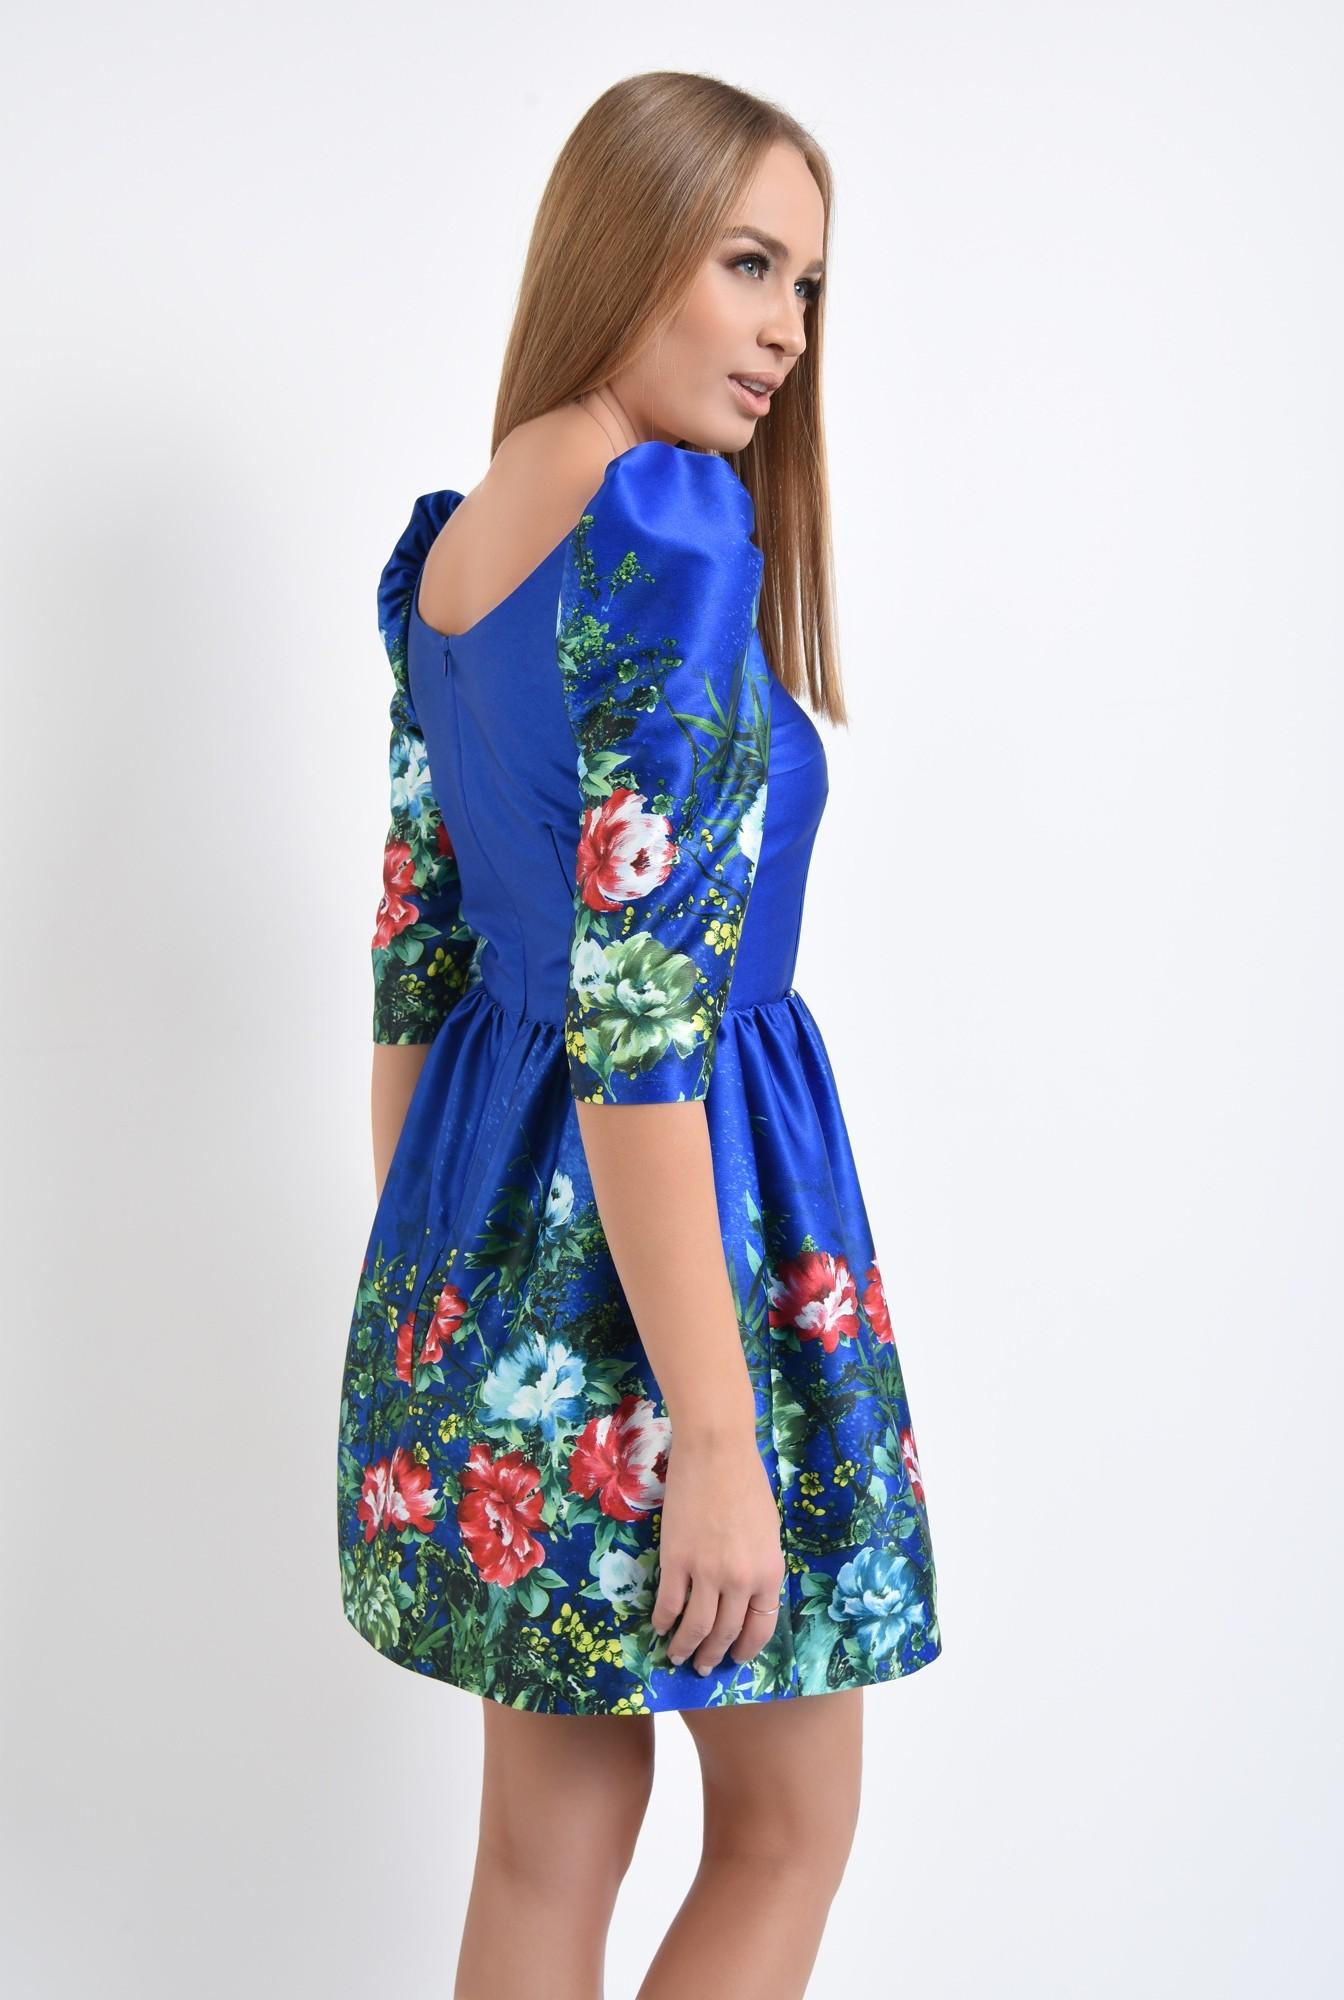 1 - rochie de ocazie, tafta cu imprimeu, albastru, flori